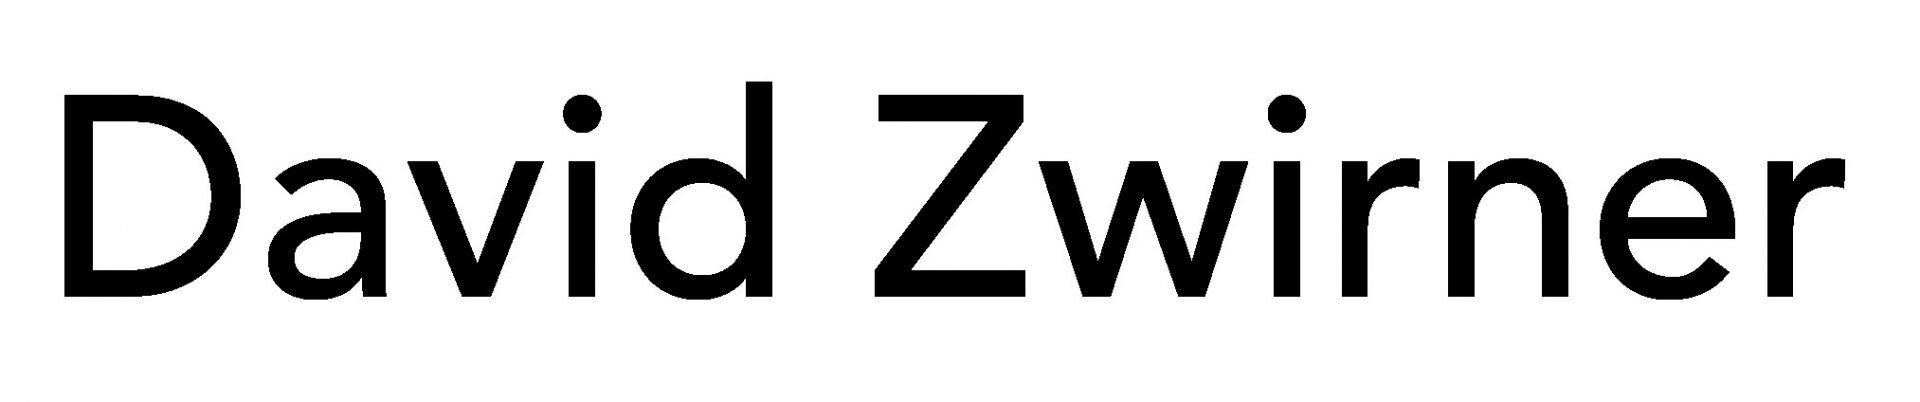 David-Zwirner-logo-1.jpg